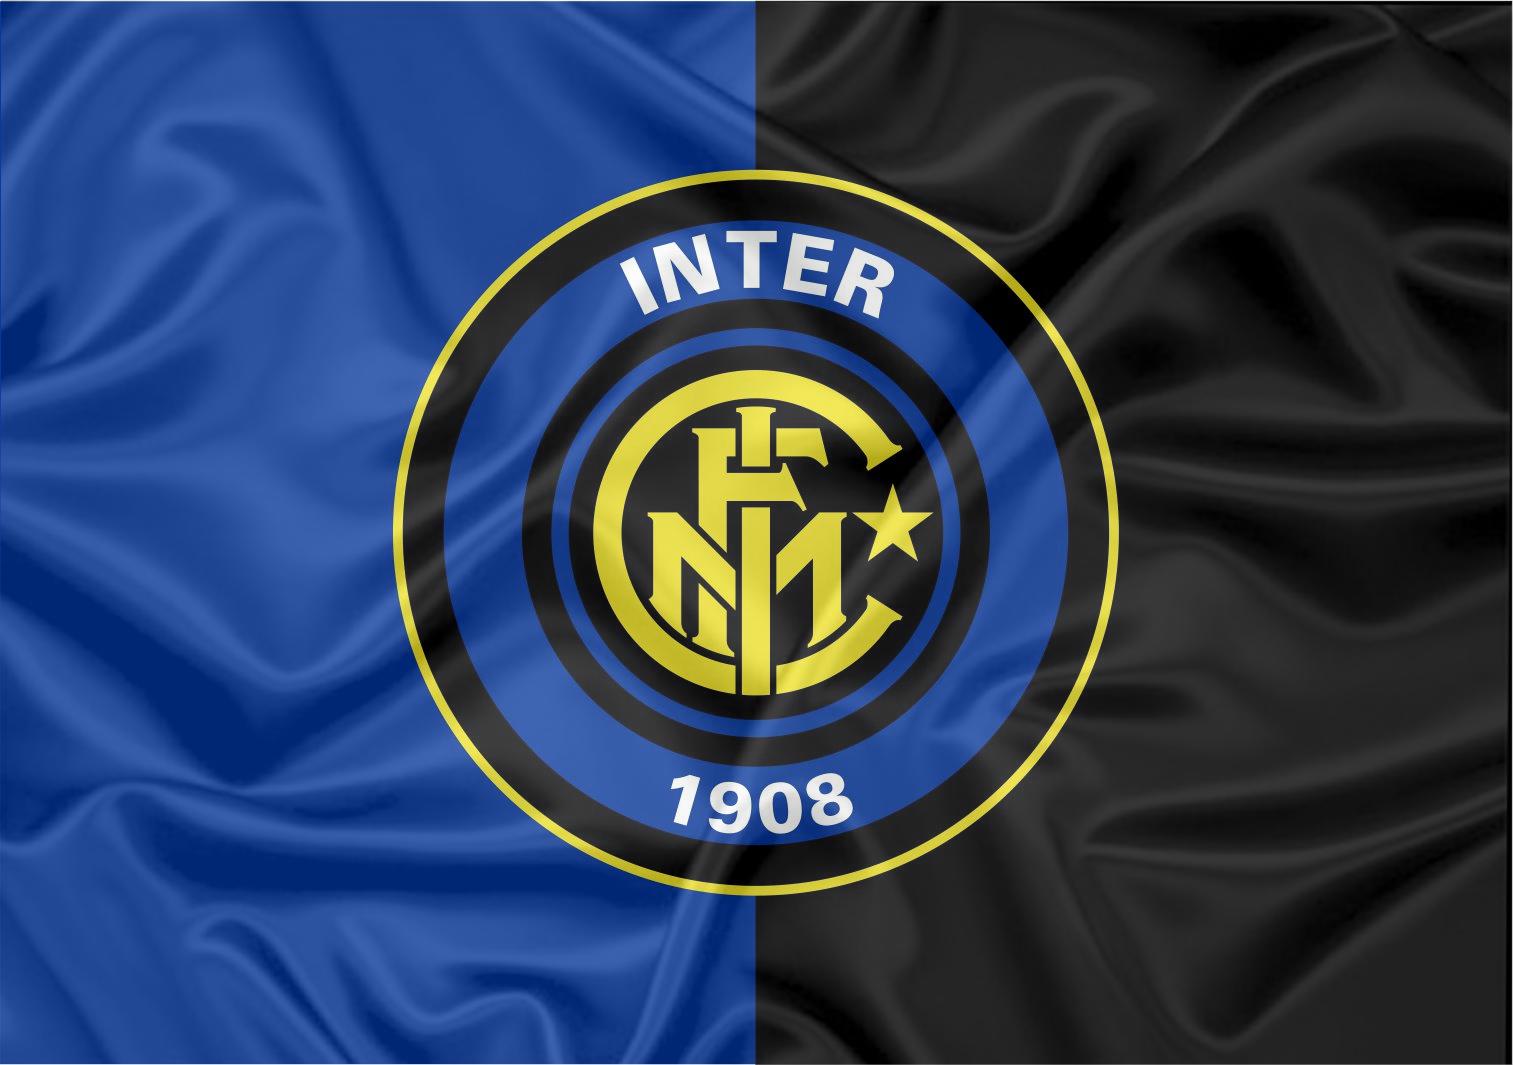 Bandeira Do Inter De Mil U00e3o